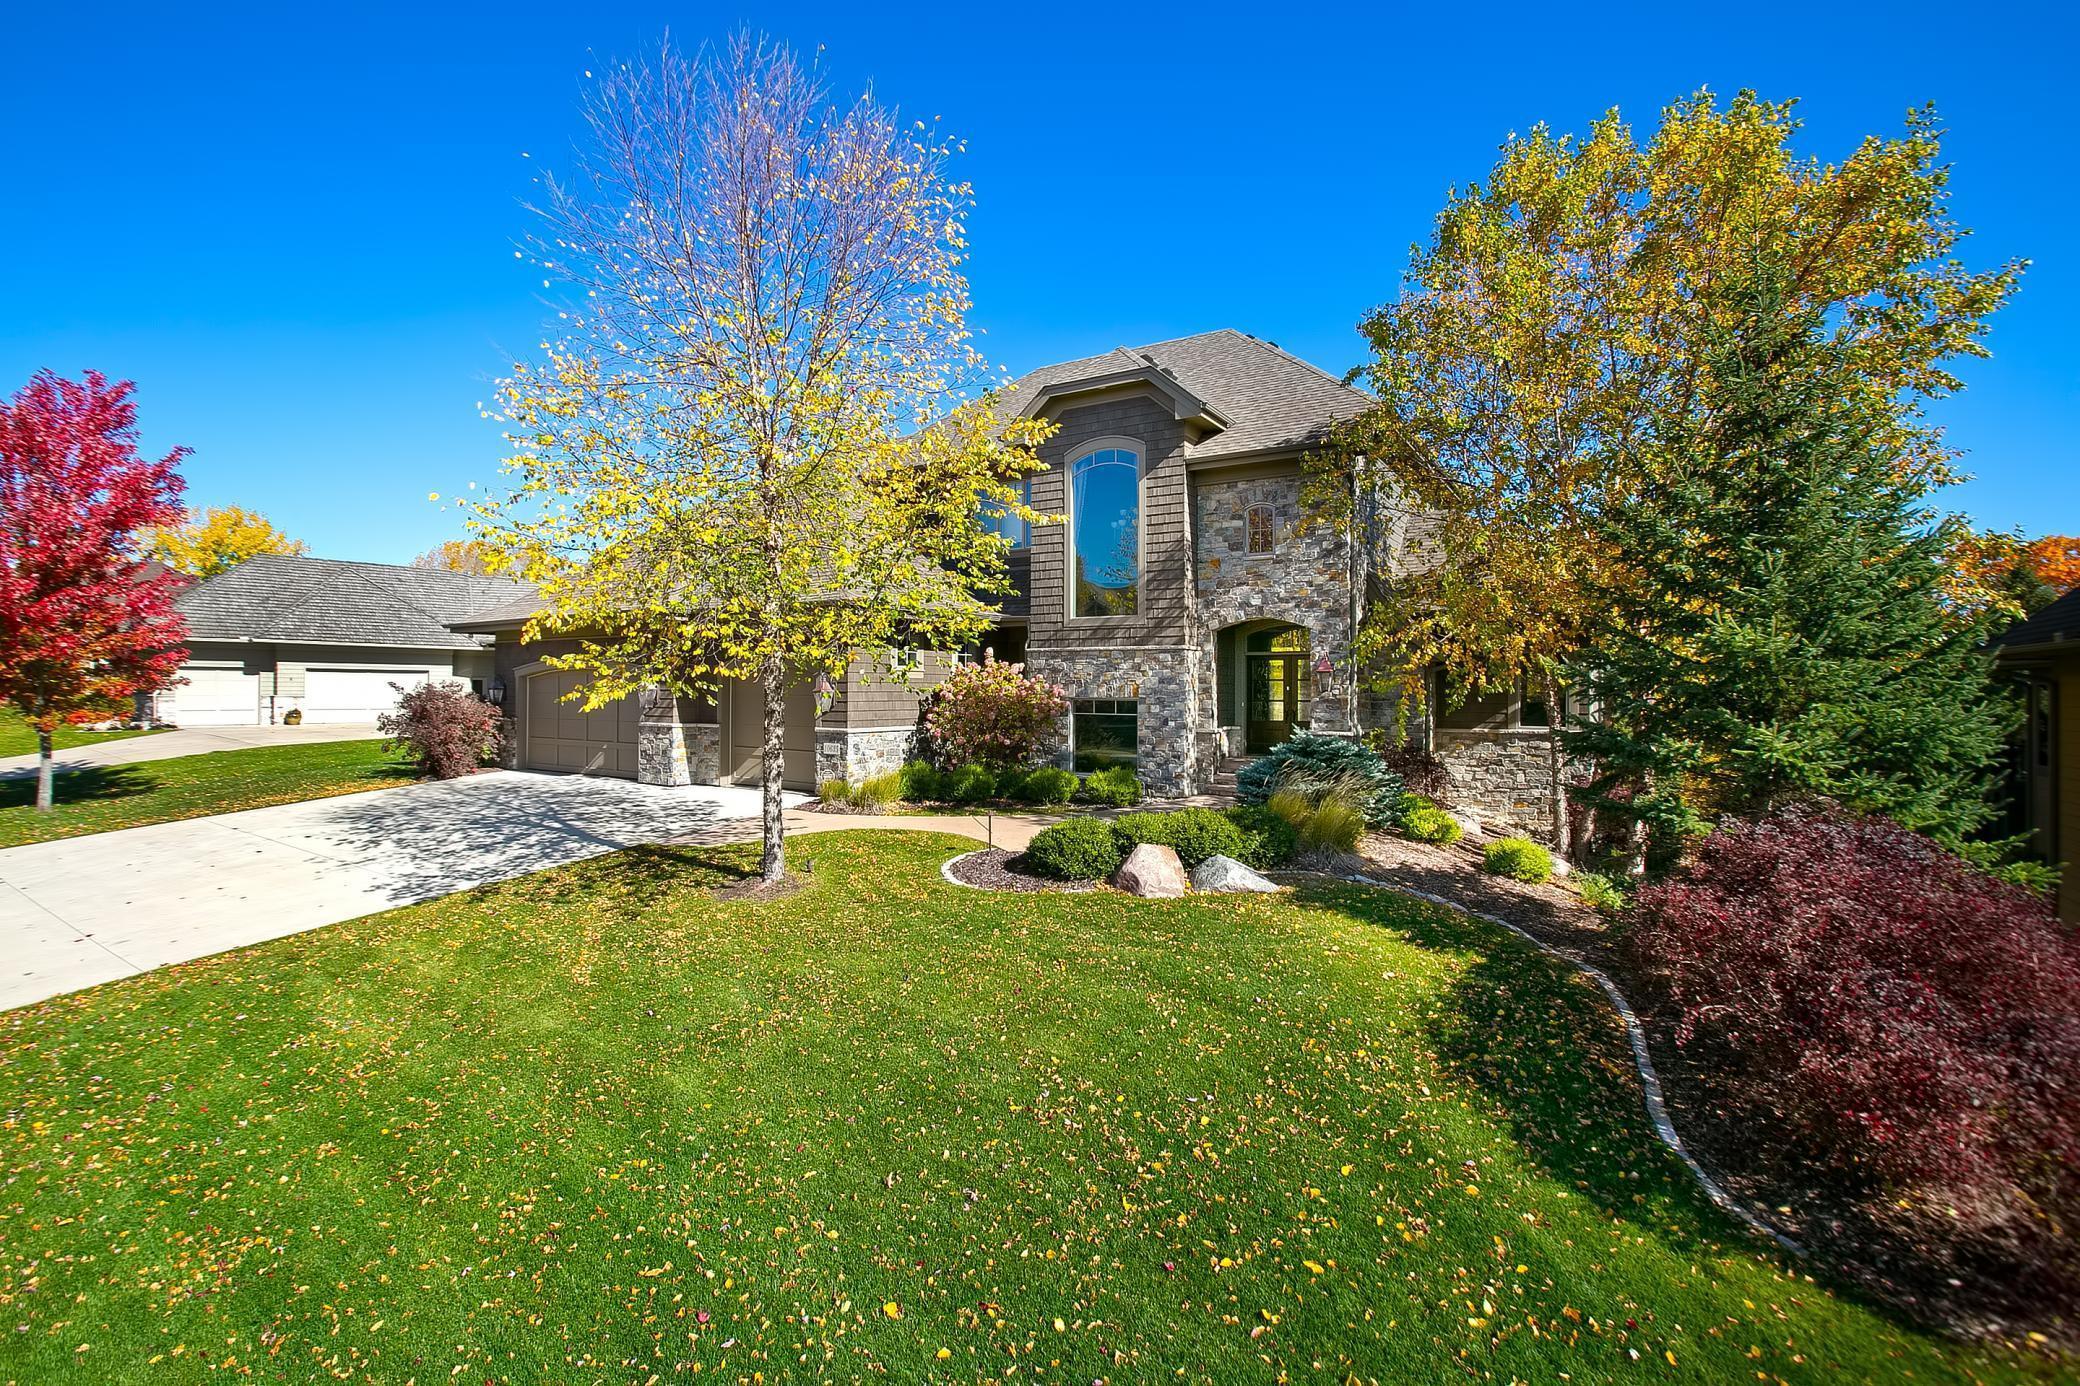 10635 Sonoma Ridge Property Photo - Eden Prairie, MN real estate listing